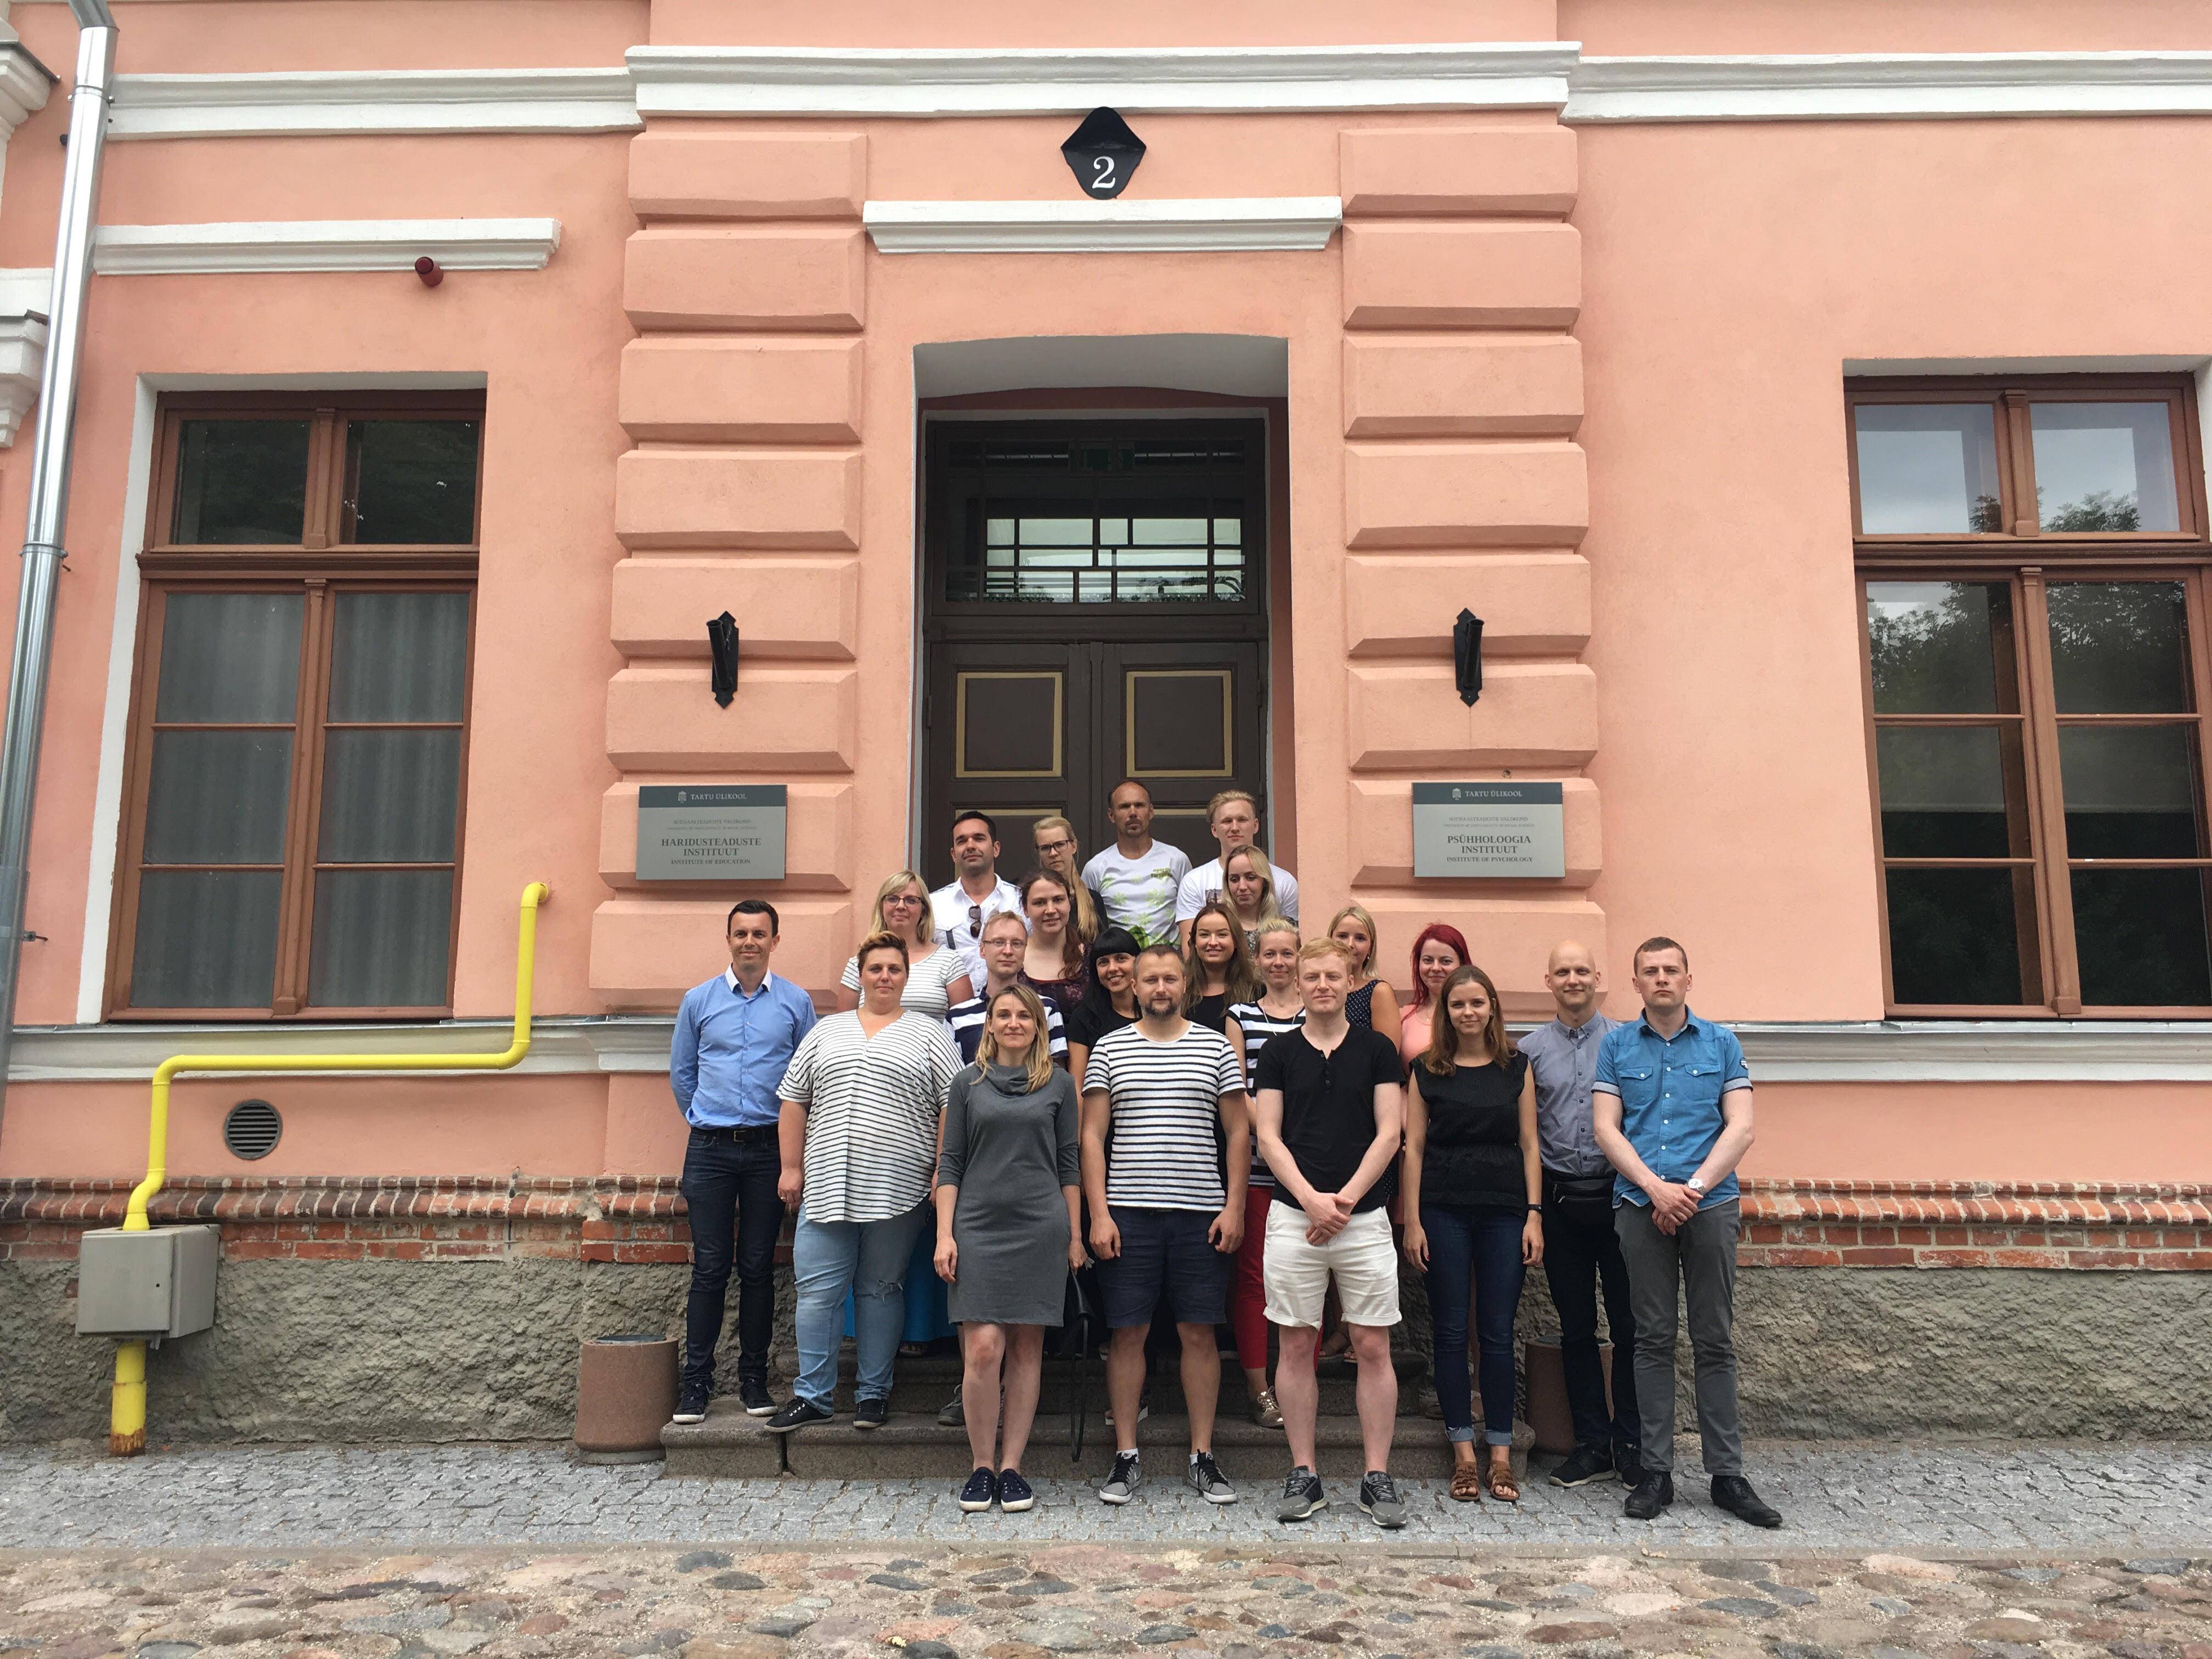 Toimus EKÜ Kõneravipäev Tartu Ülikooli logopeedia tudengitega